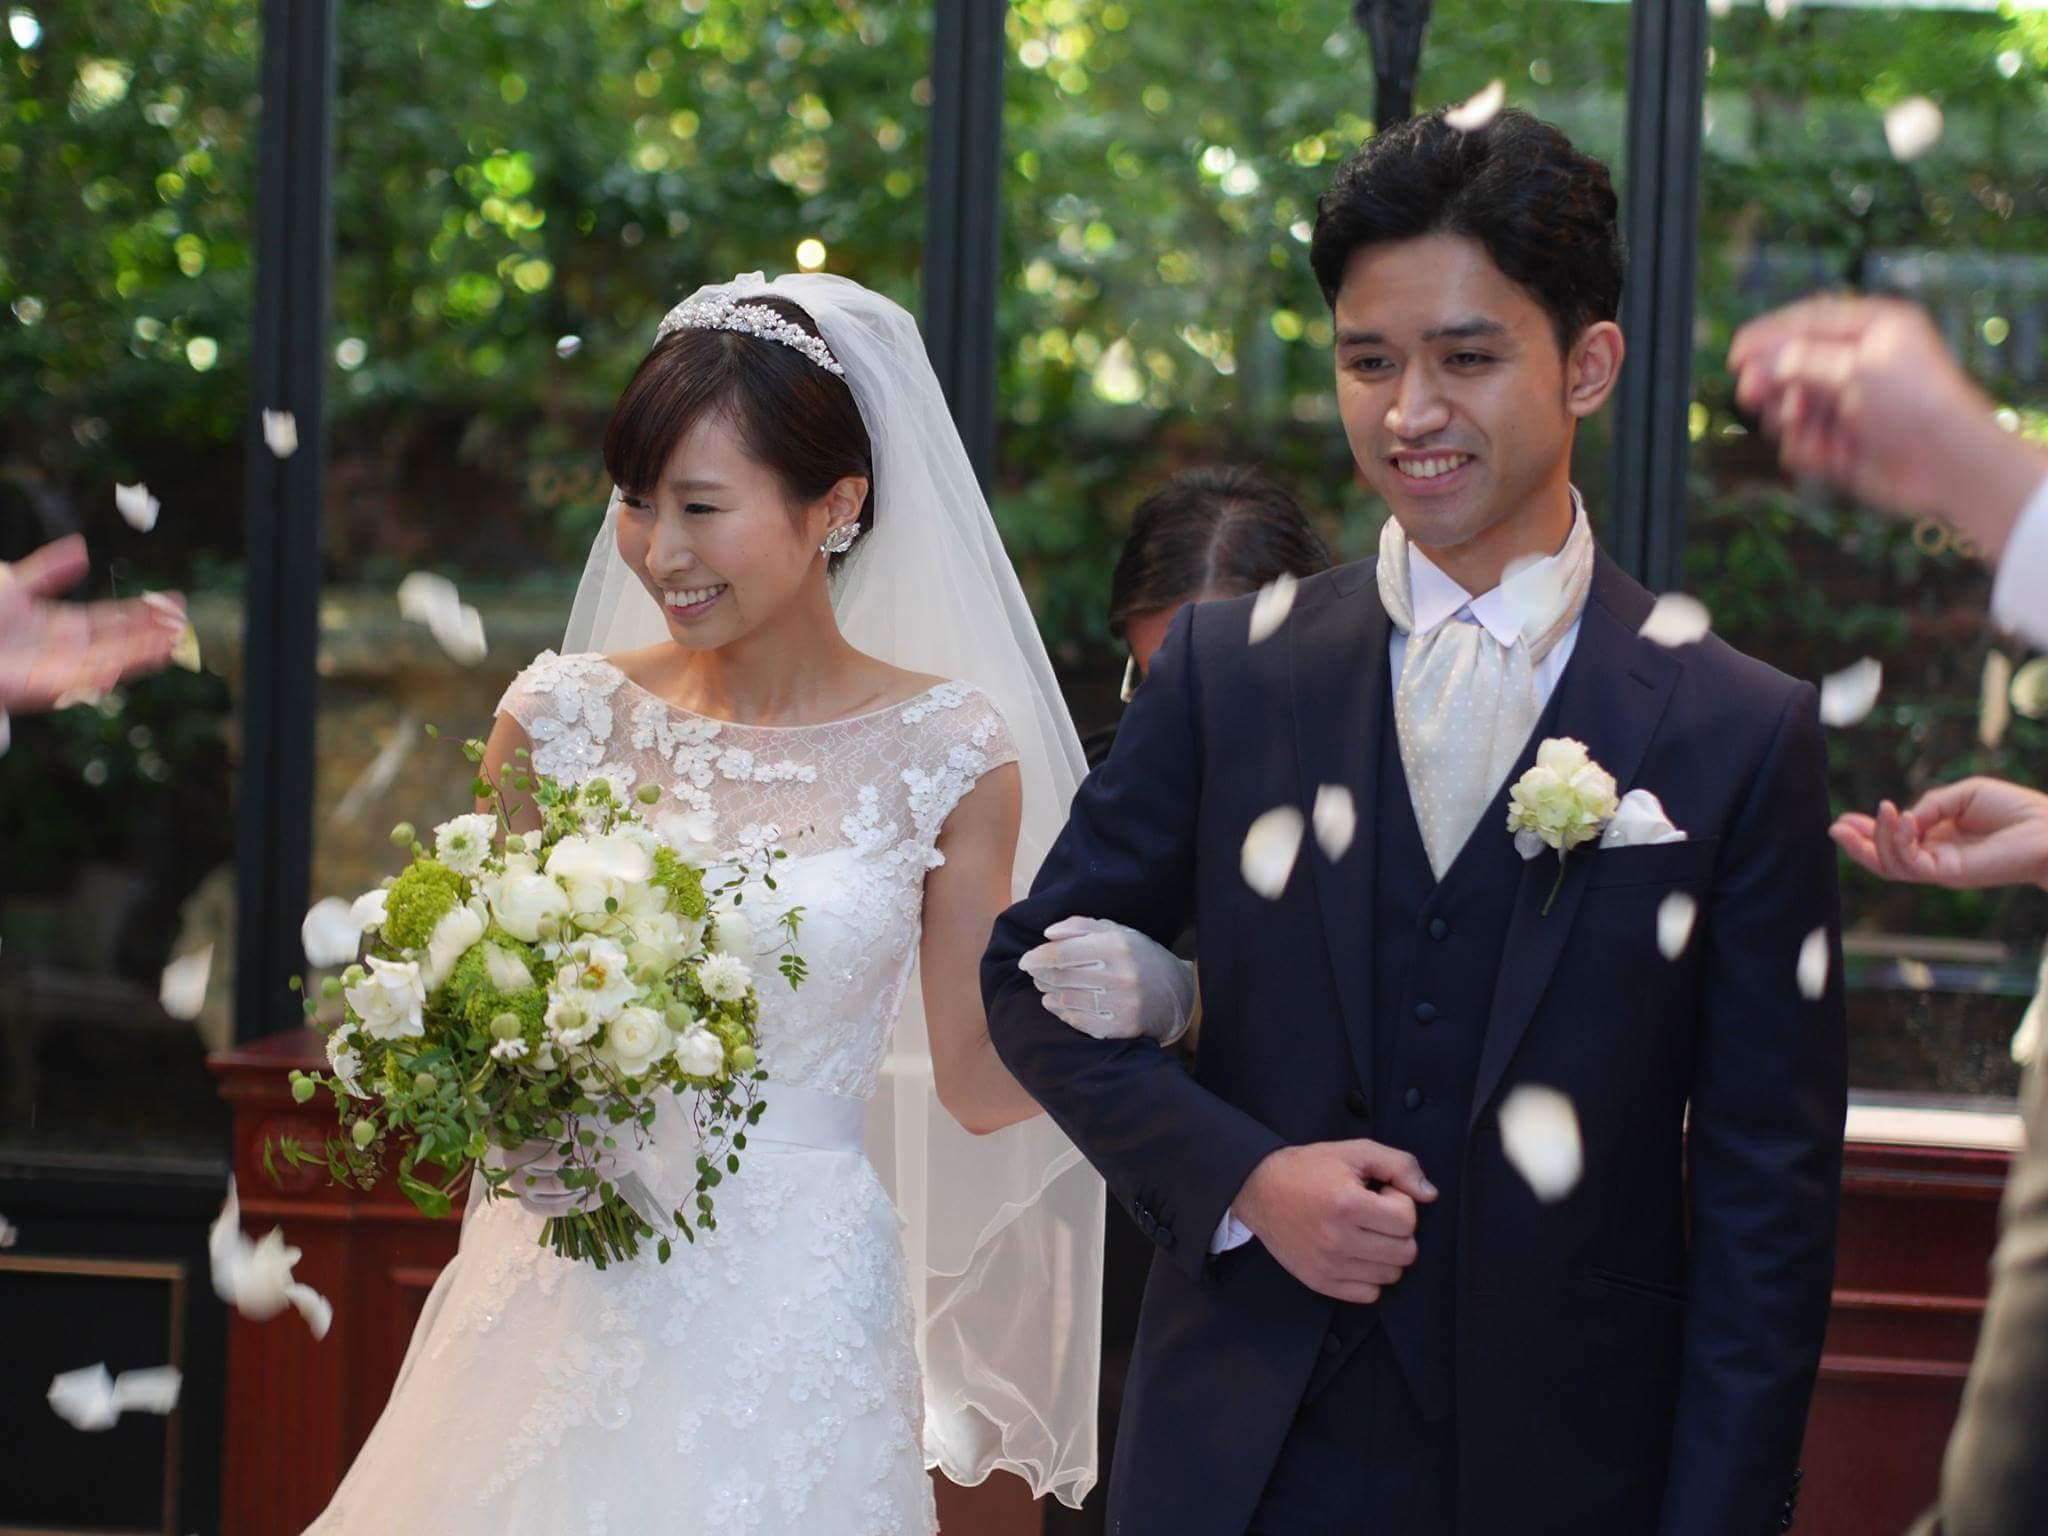 新郎新婦様からのメール リストランテASOの花嫁様より バラと実り_a0042928_16534466.jpg